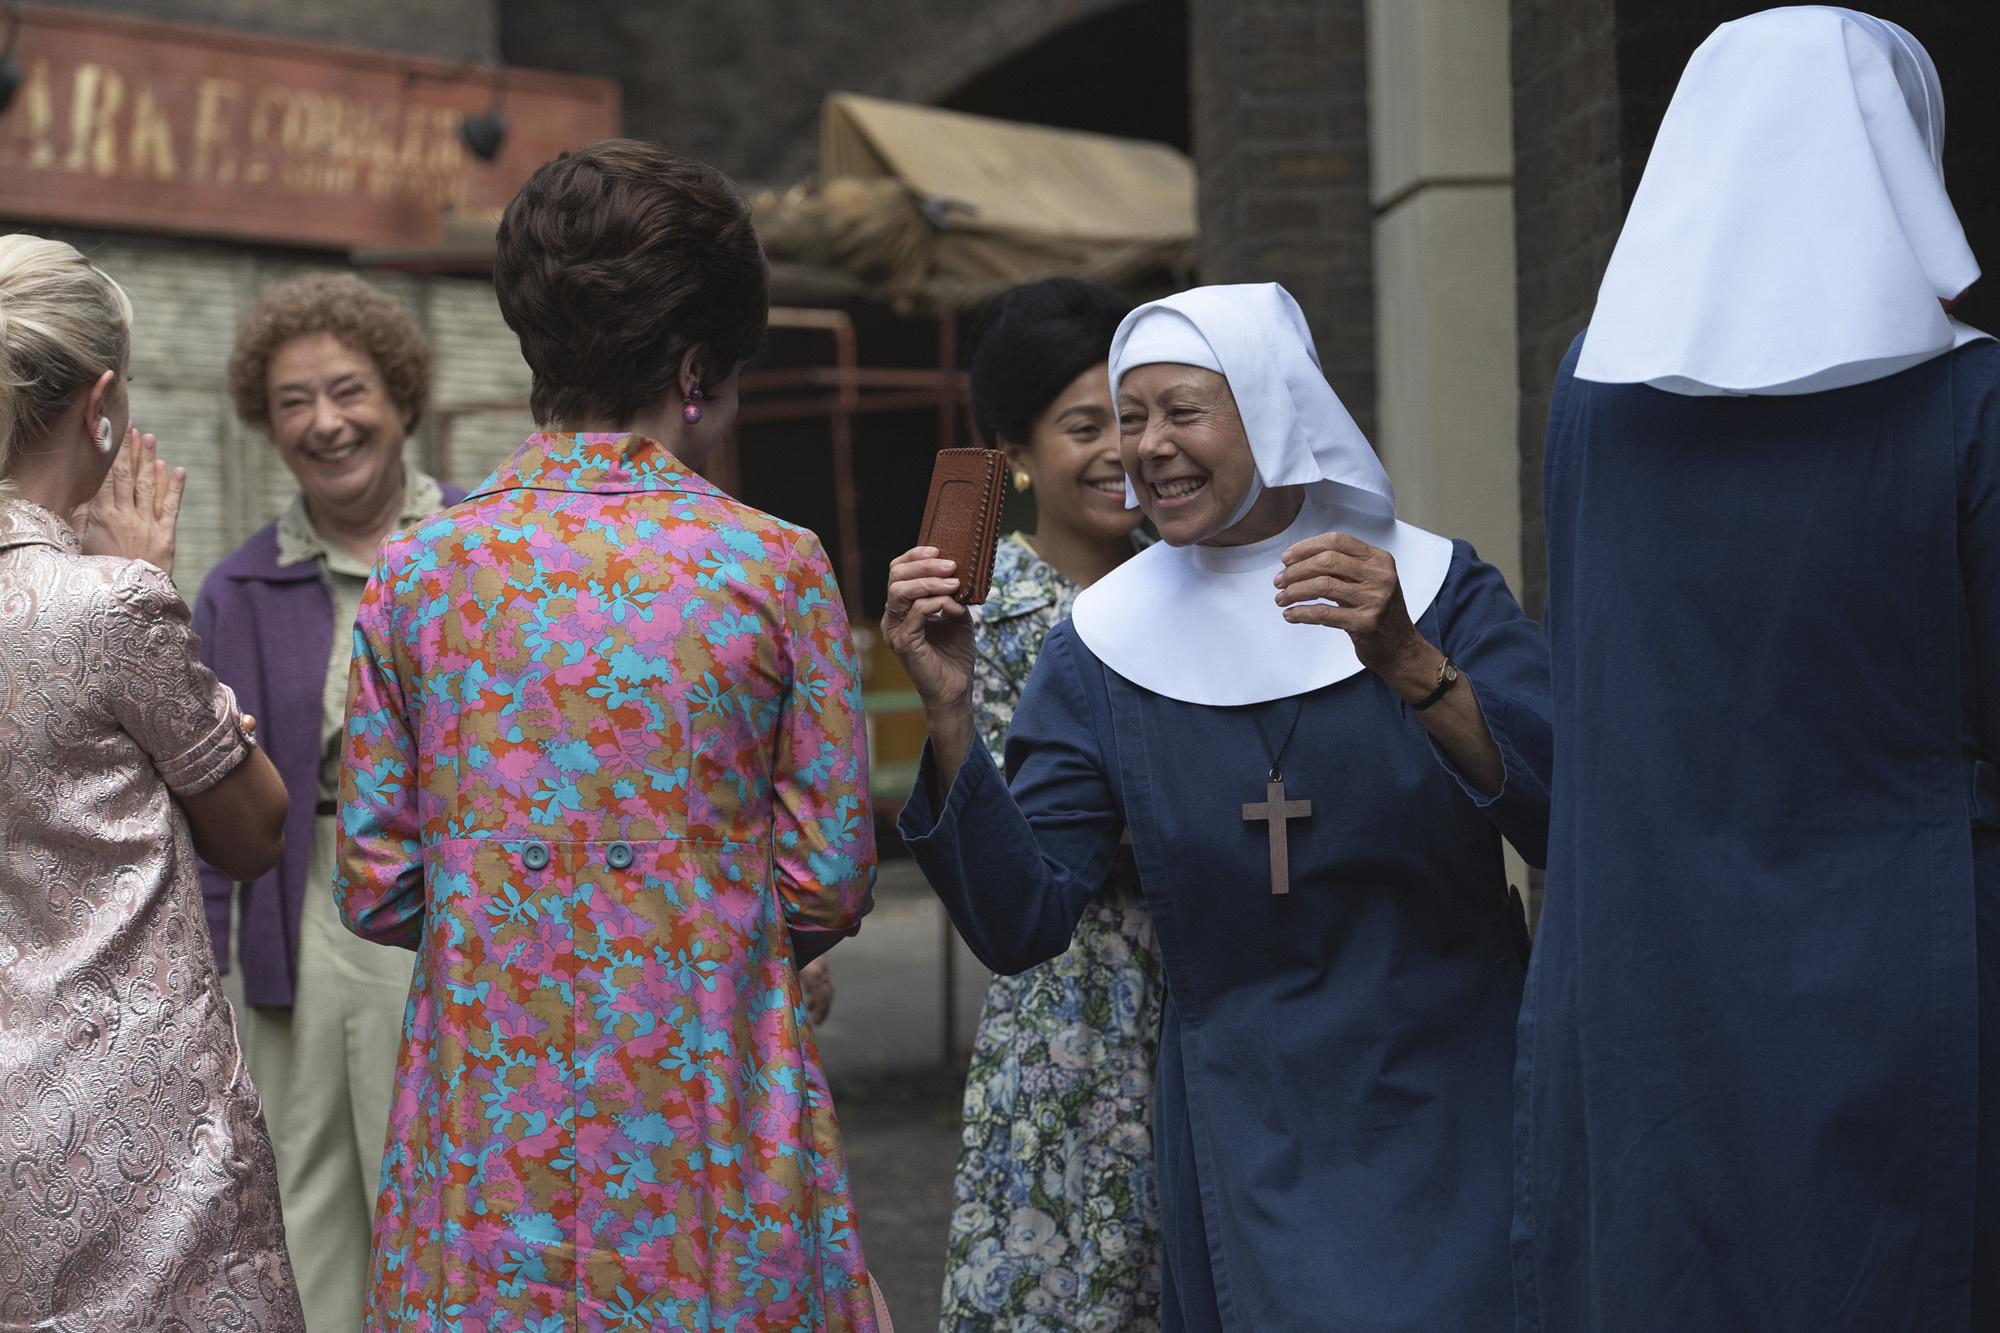 Call the Midwife Season 9, Episode 5 GIF Recap